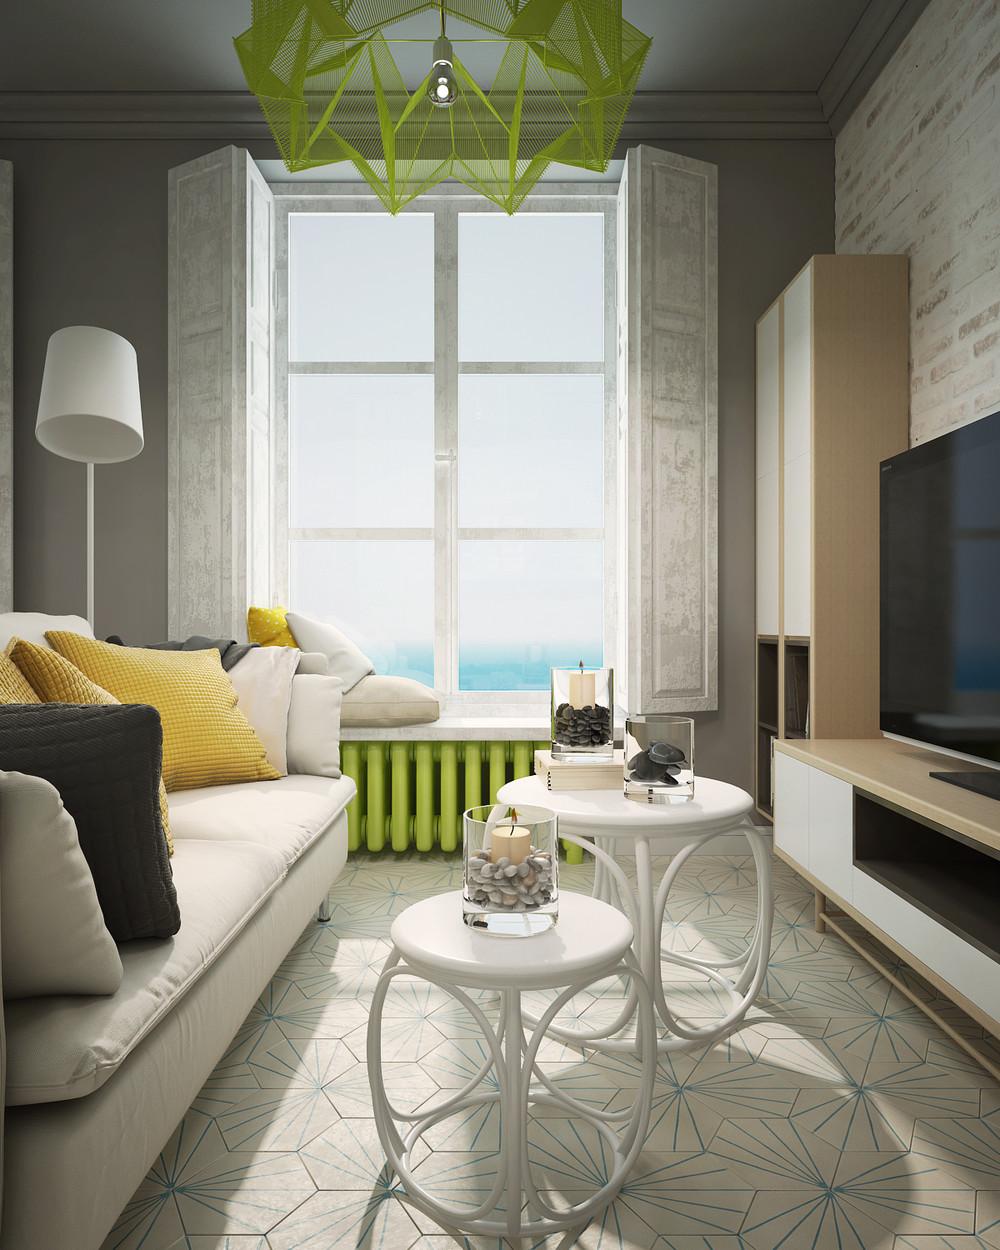 Дизайн квартиры с яркими акцентами - фото 2